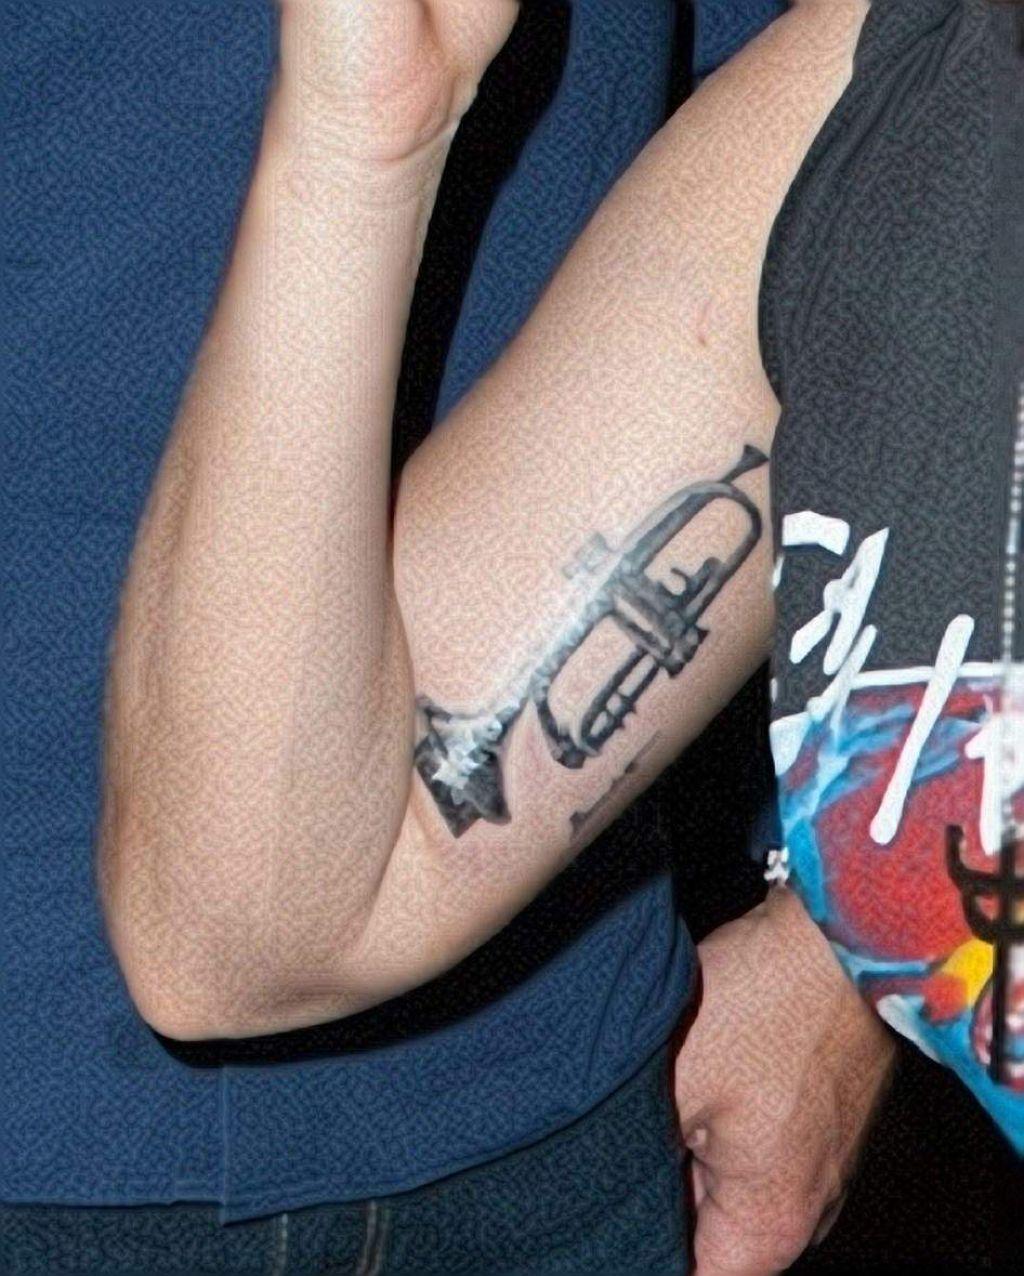 Lady Gaga Gets Trumpet Tattoo On Her Upper Arm Tattoo